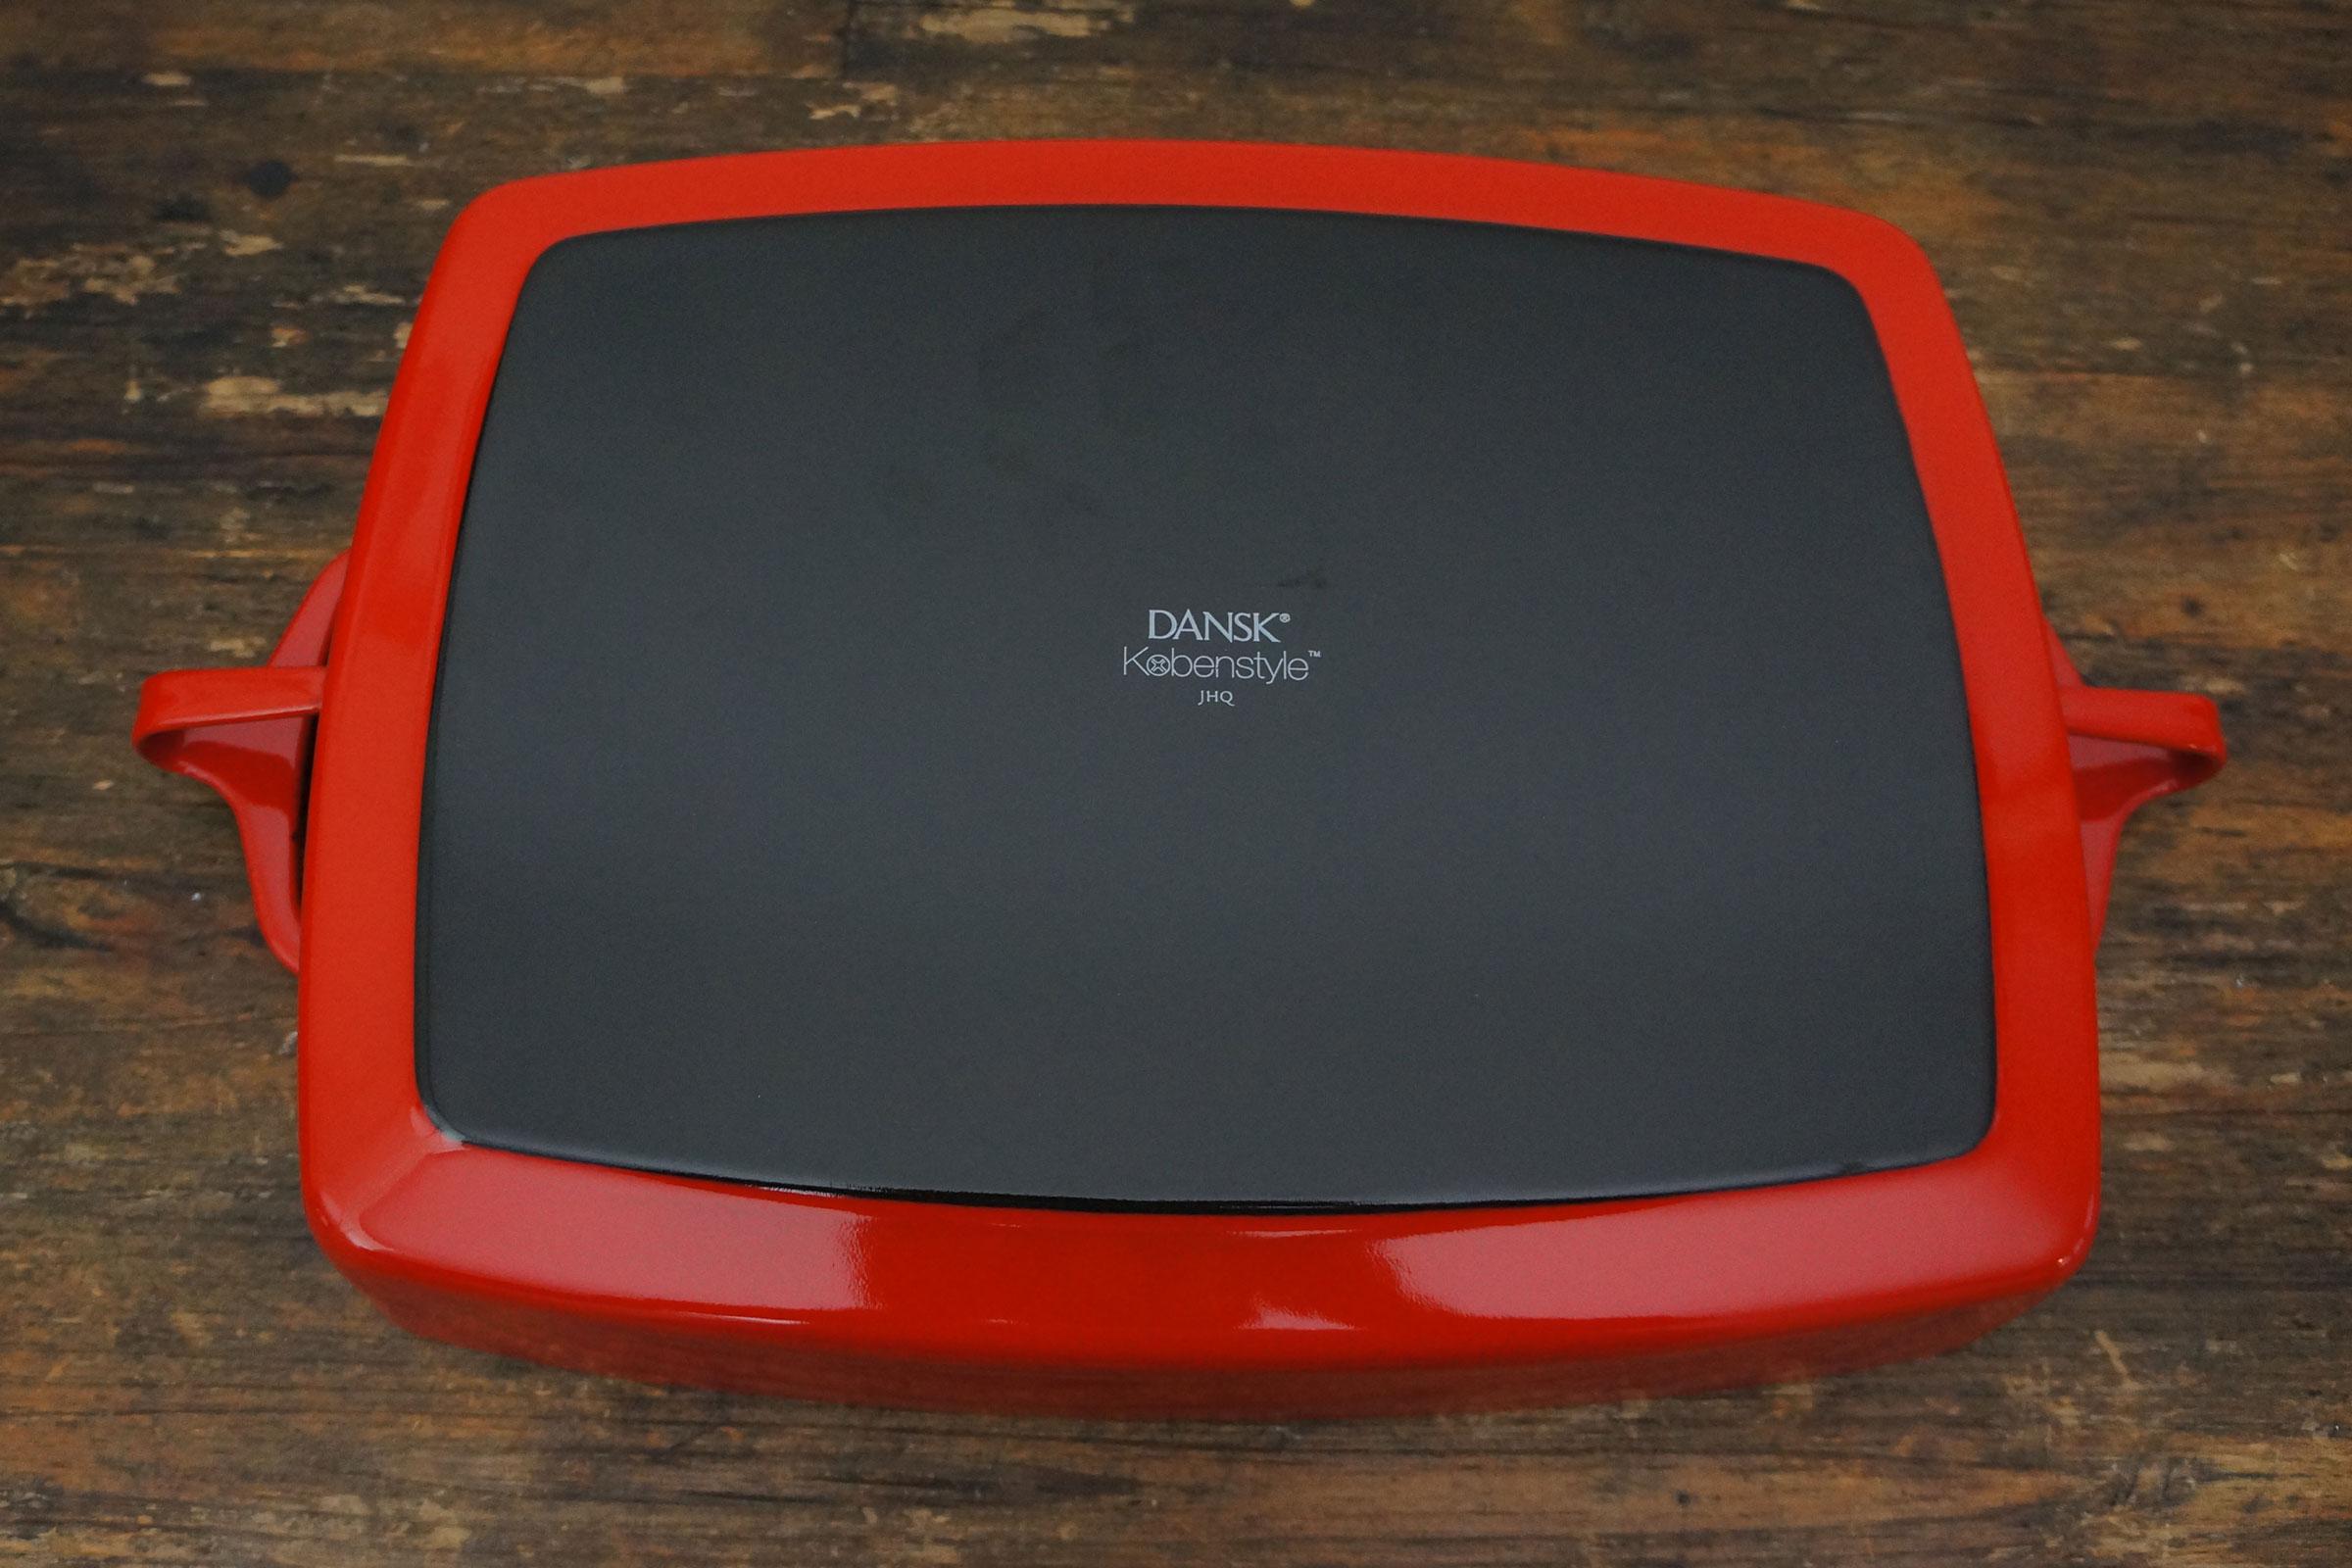 Dansk® kobenstyle red chili ovenschaal in de winkel van marché du pre